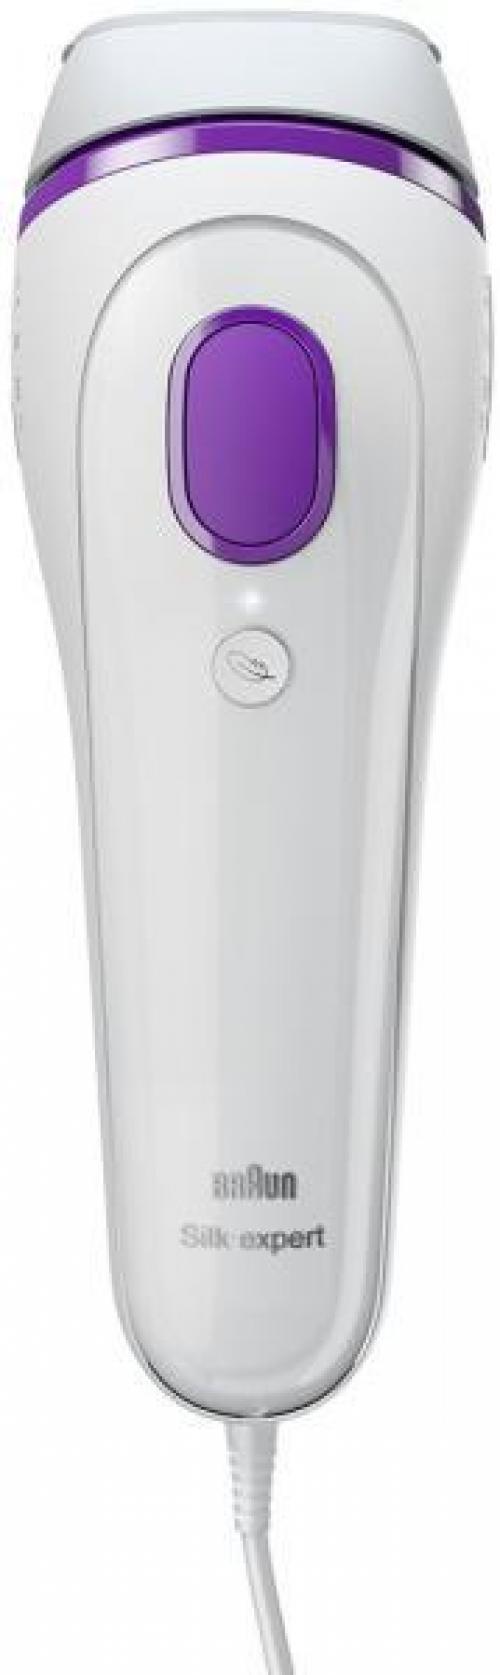 Braun BD3001 Silk-expert villanófényes szőrtelenítő | DigitalPlaza.hu